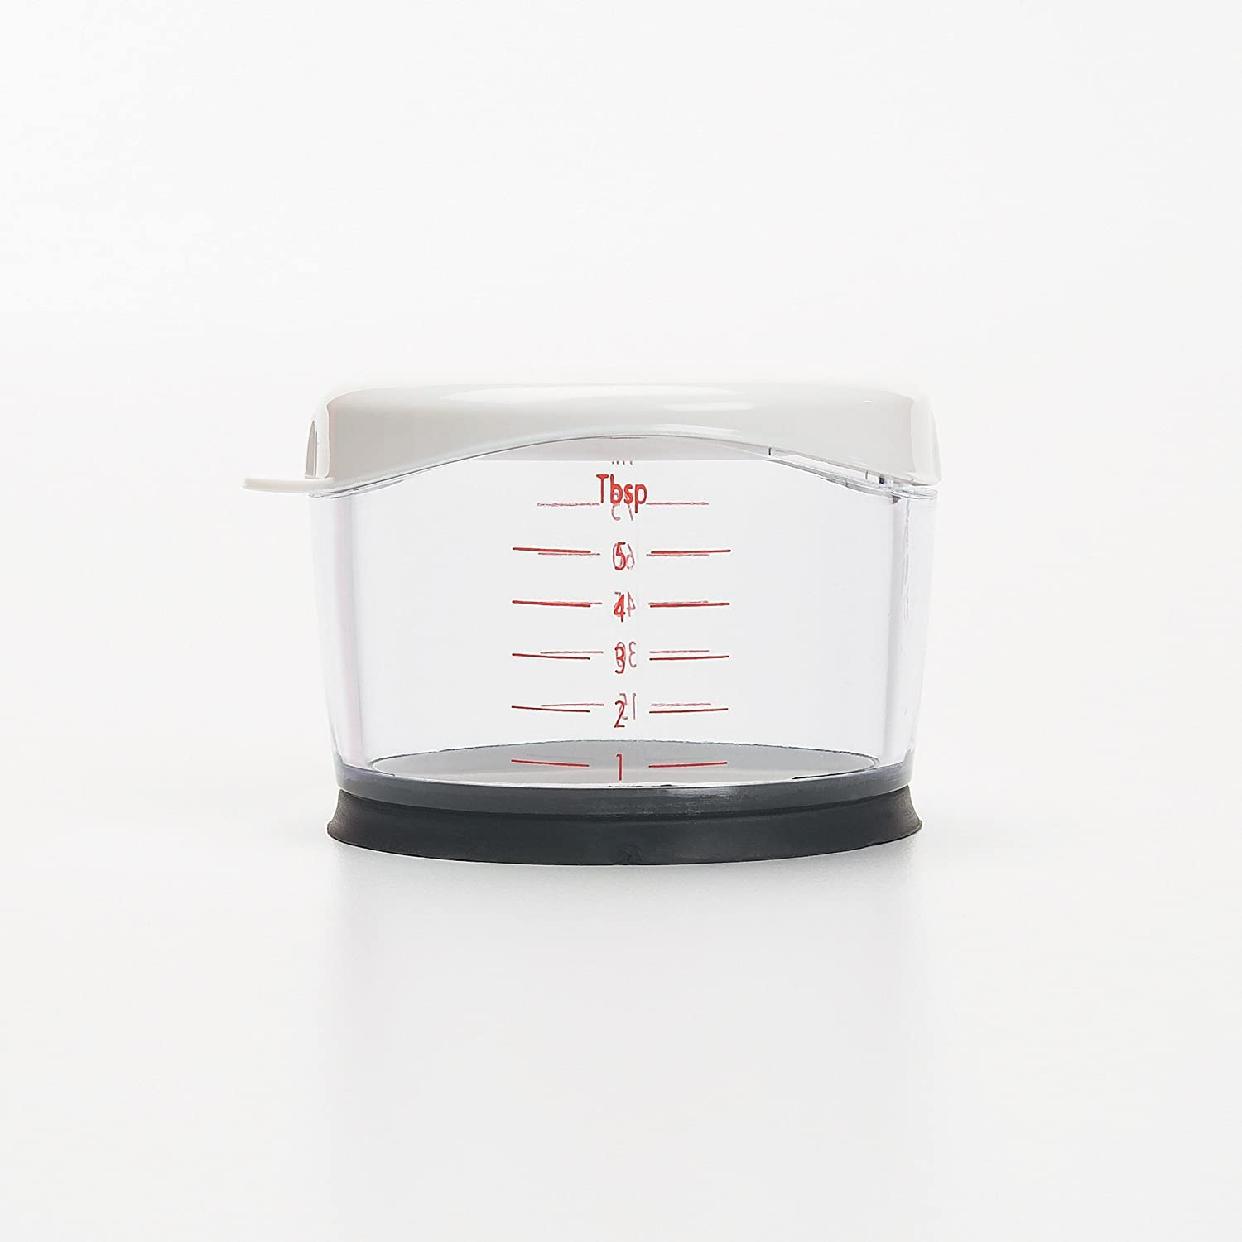 OXO(オクソー) ミニ チョッパー 1060620 ホワイトの商品画像6